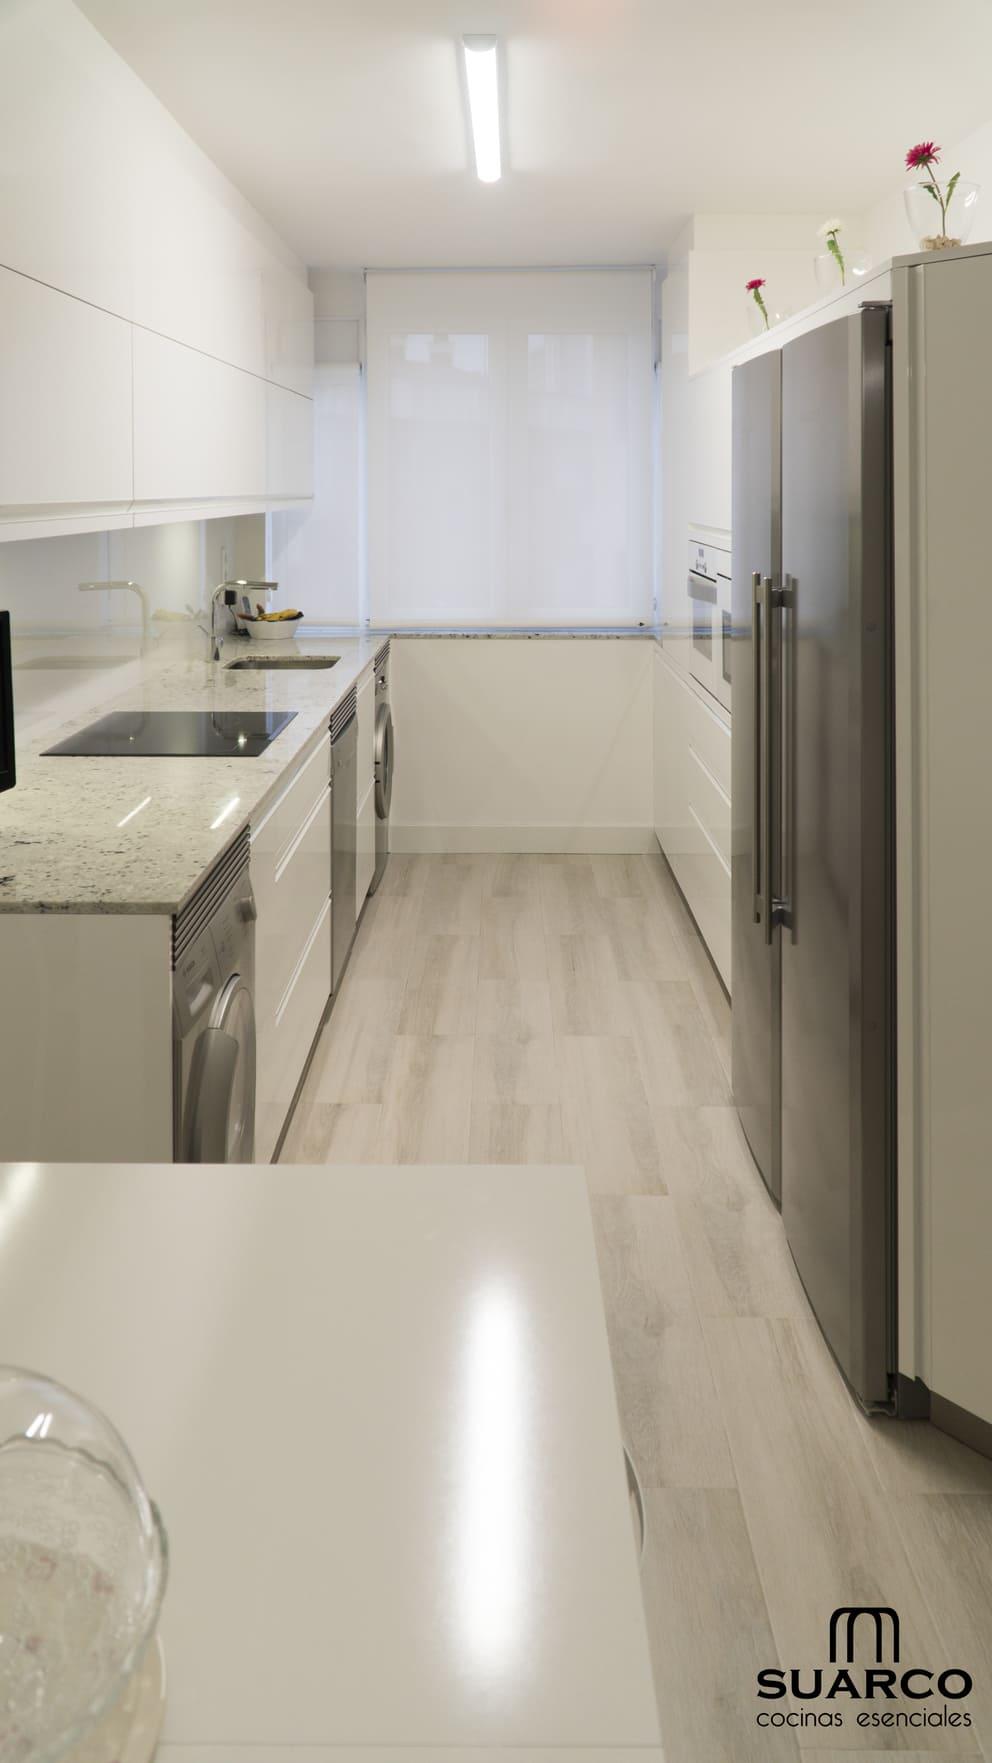 Cocina blanca con encimera de granito  Cocinas Suarco